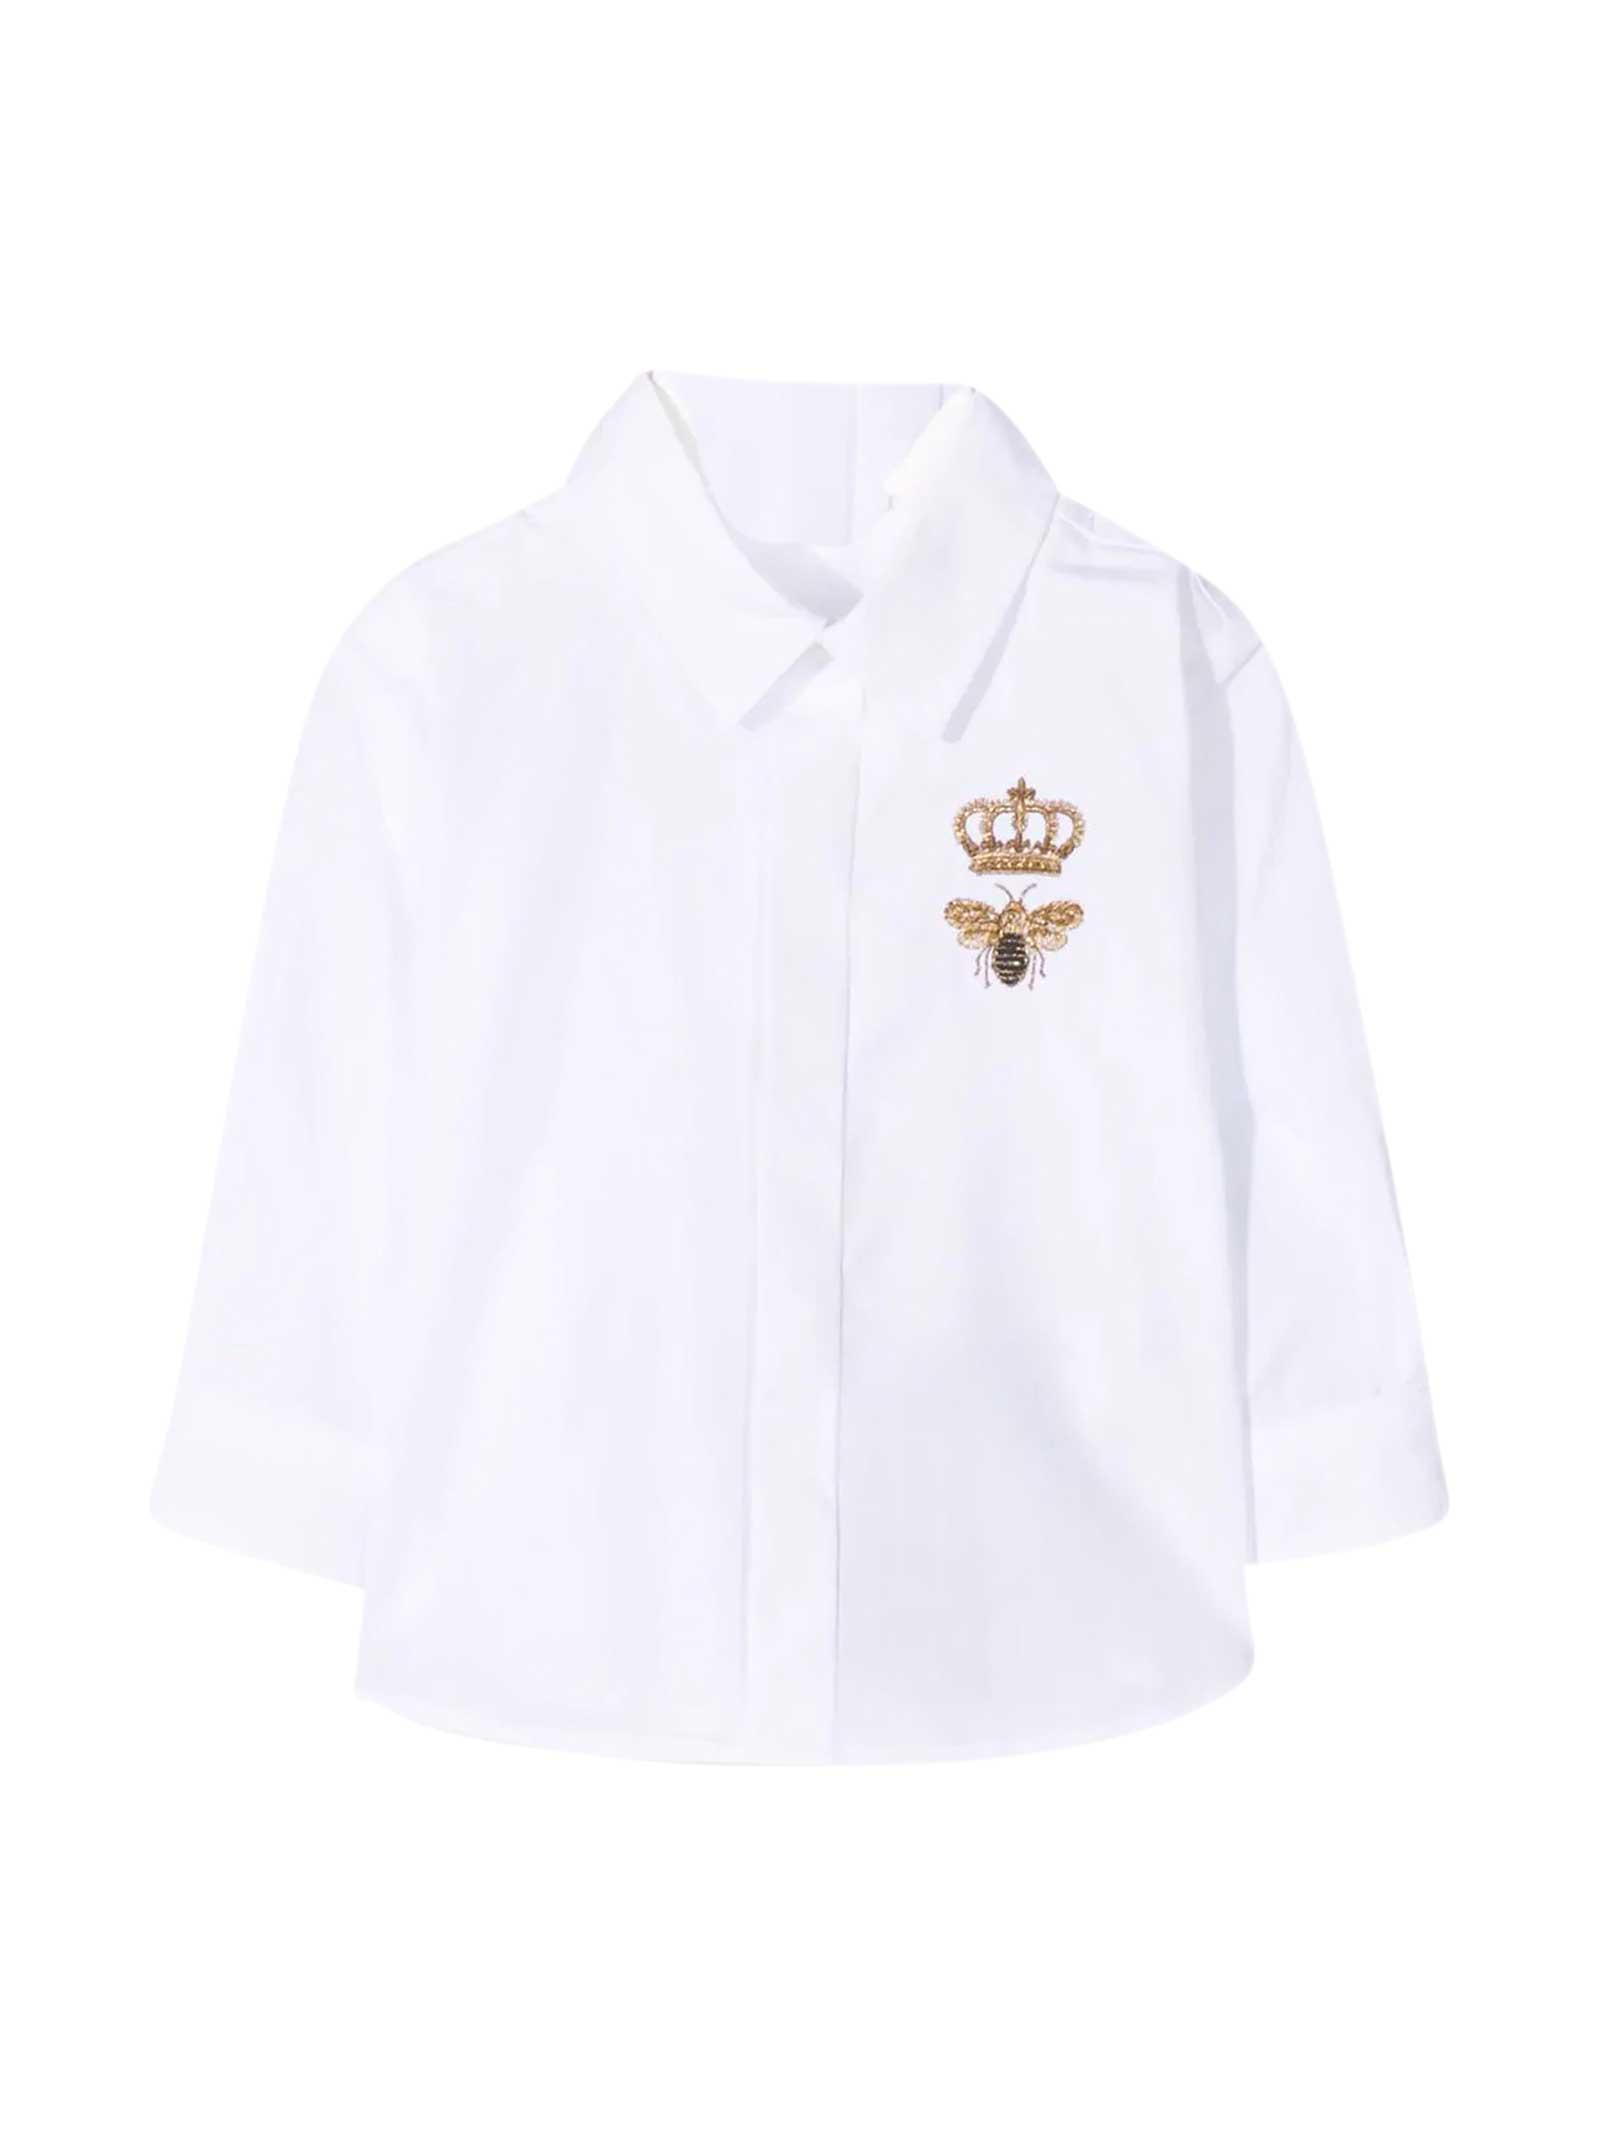 Dolce & Gabbana Shirts WHITE SHIRT